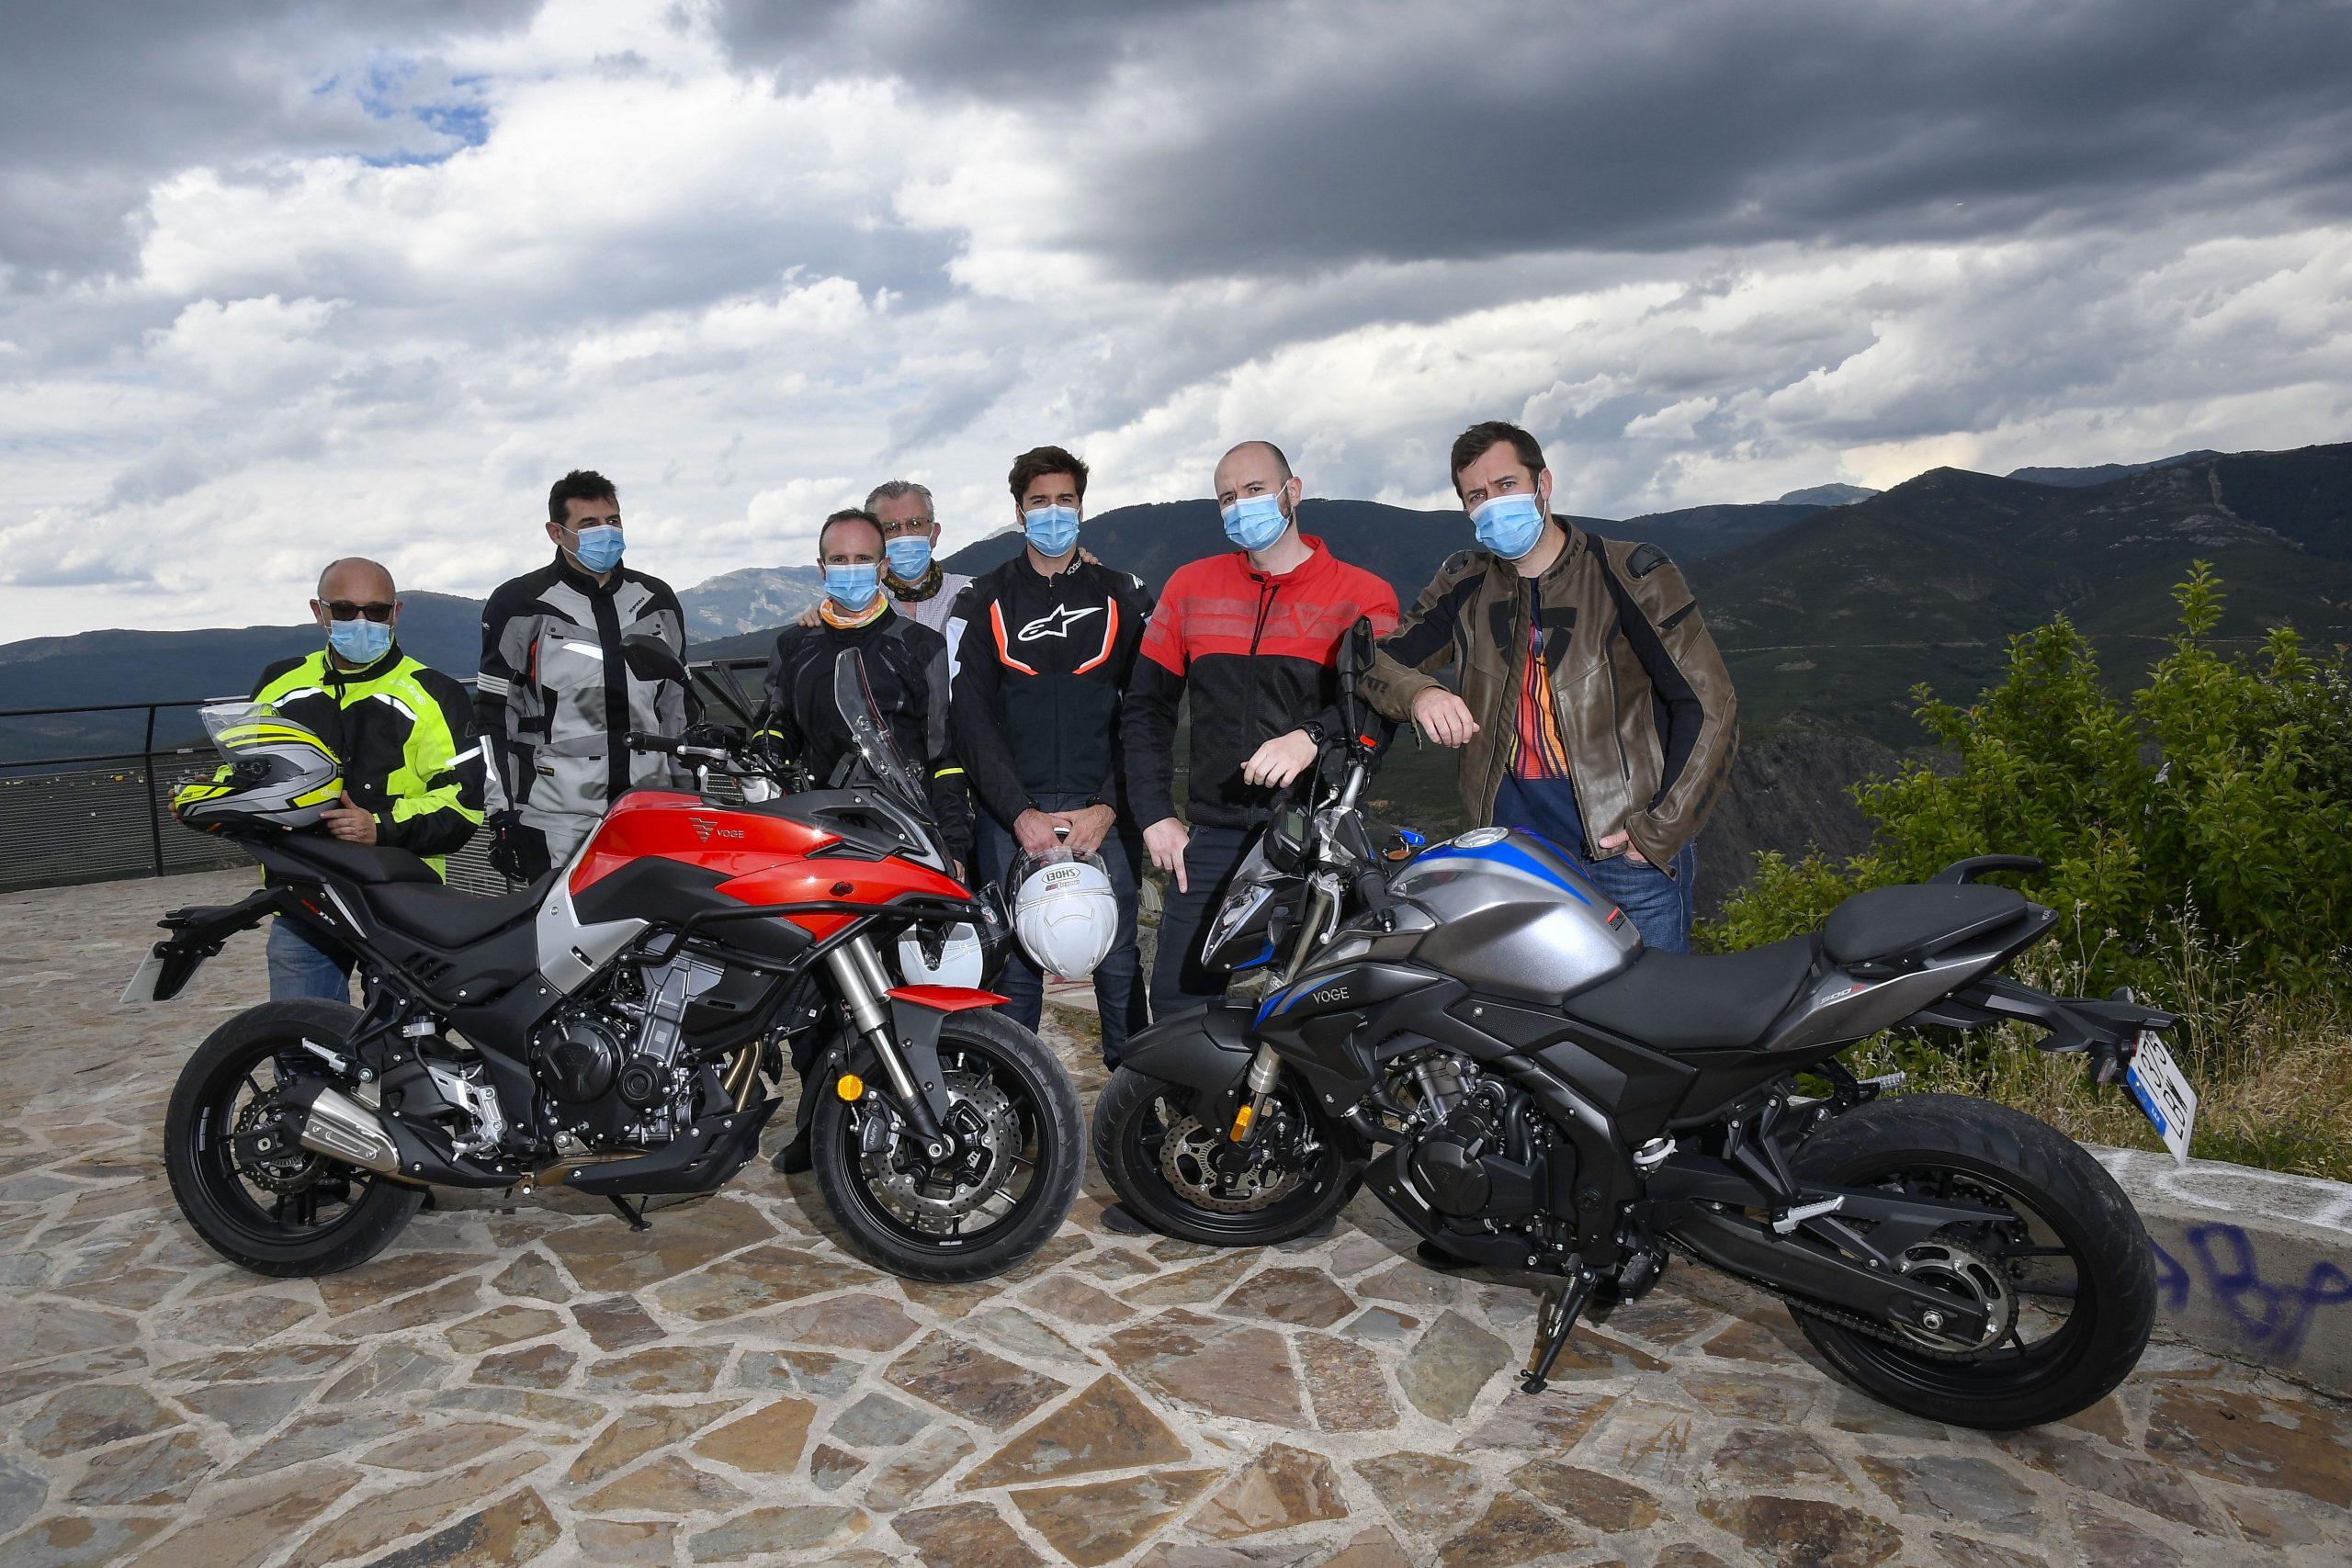 Motoristas con mascarilla en una presentación de motos